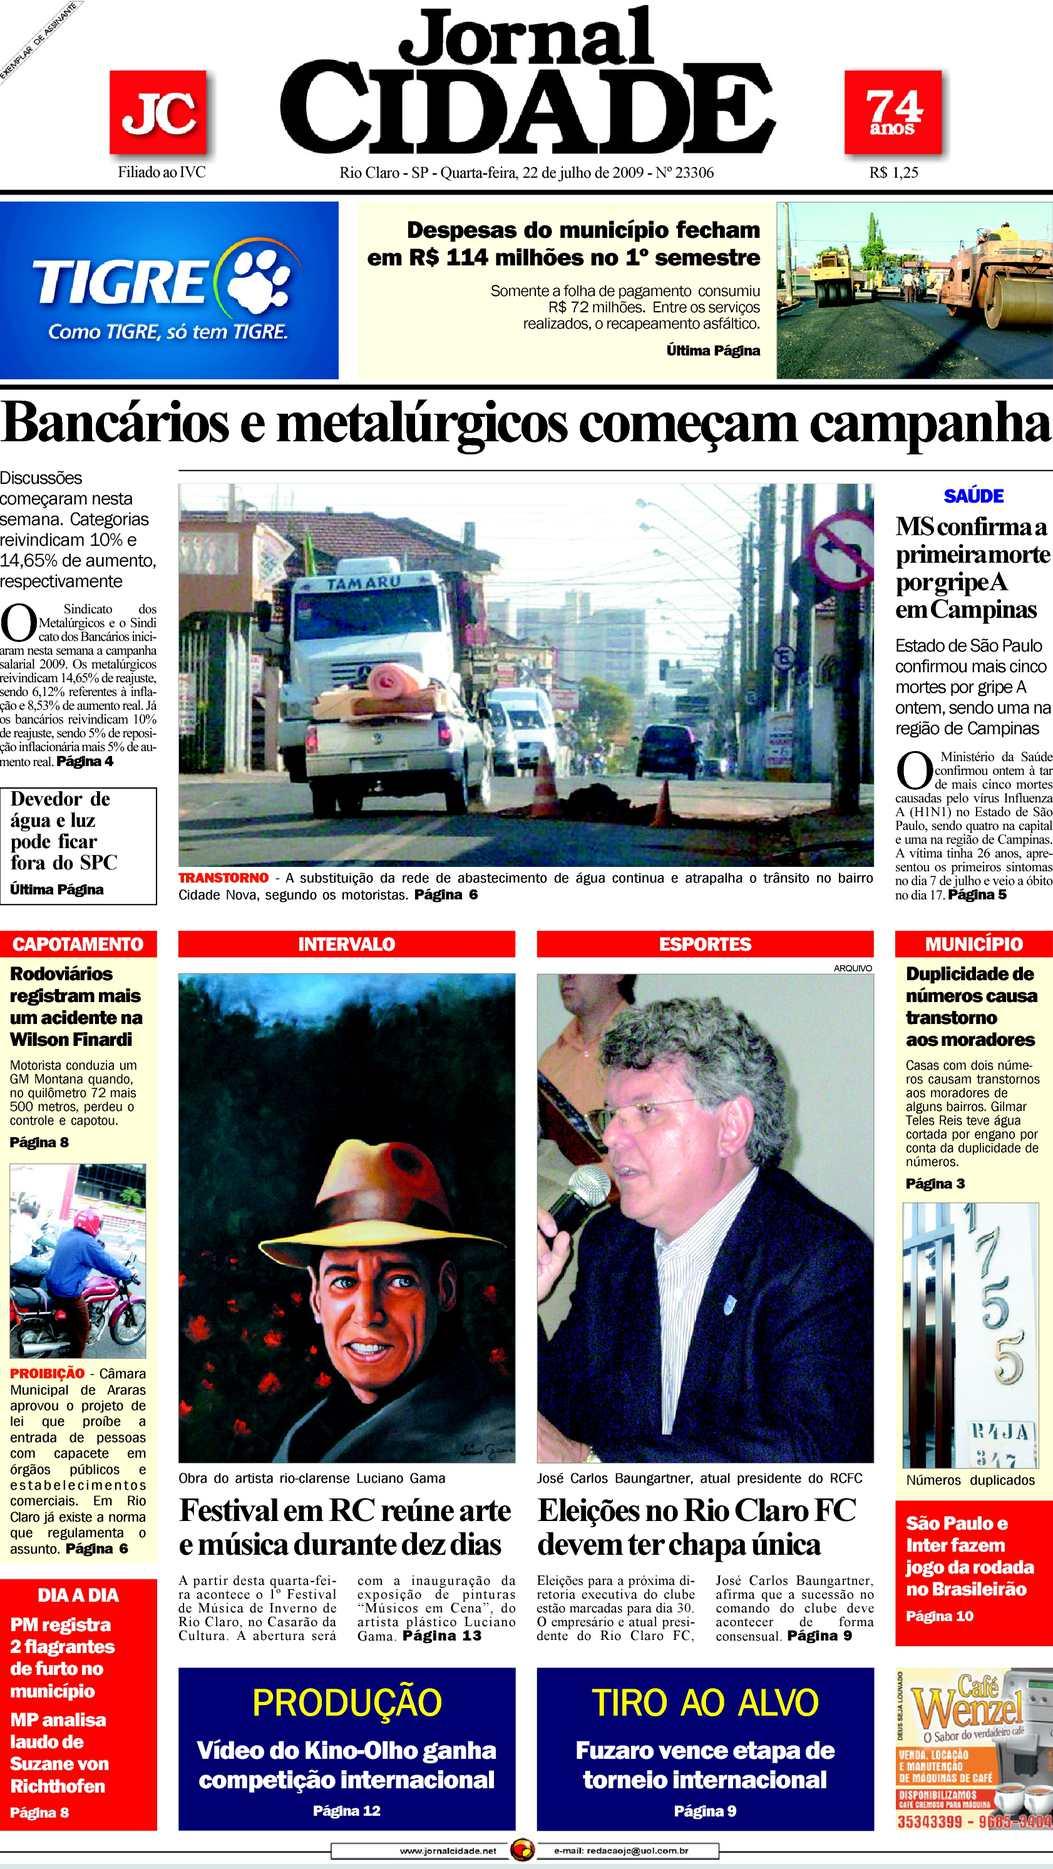 a087d49358269 Calaméo - Jornal Cidade de Rio Claro 22 07 2009